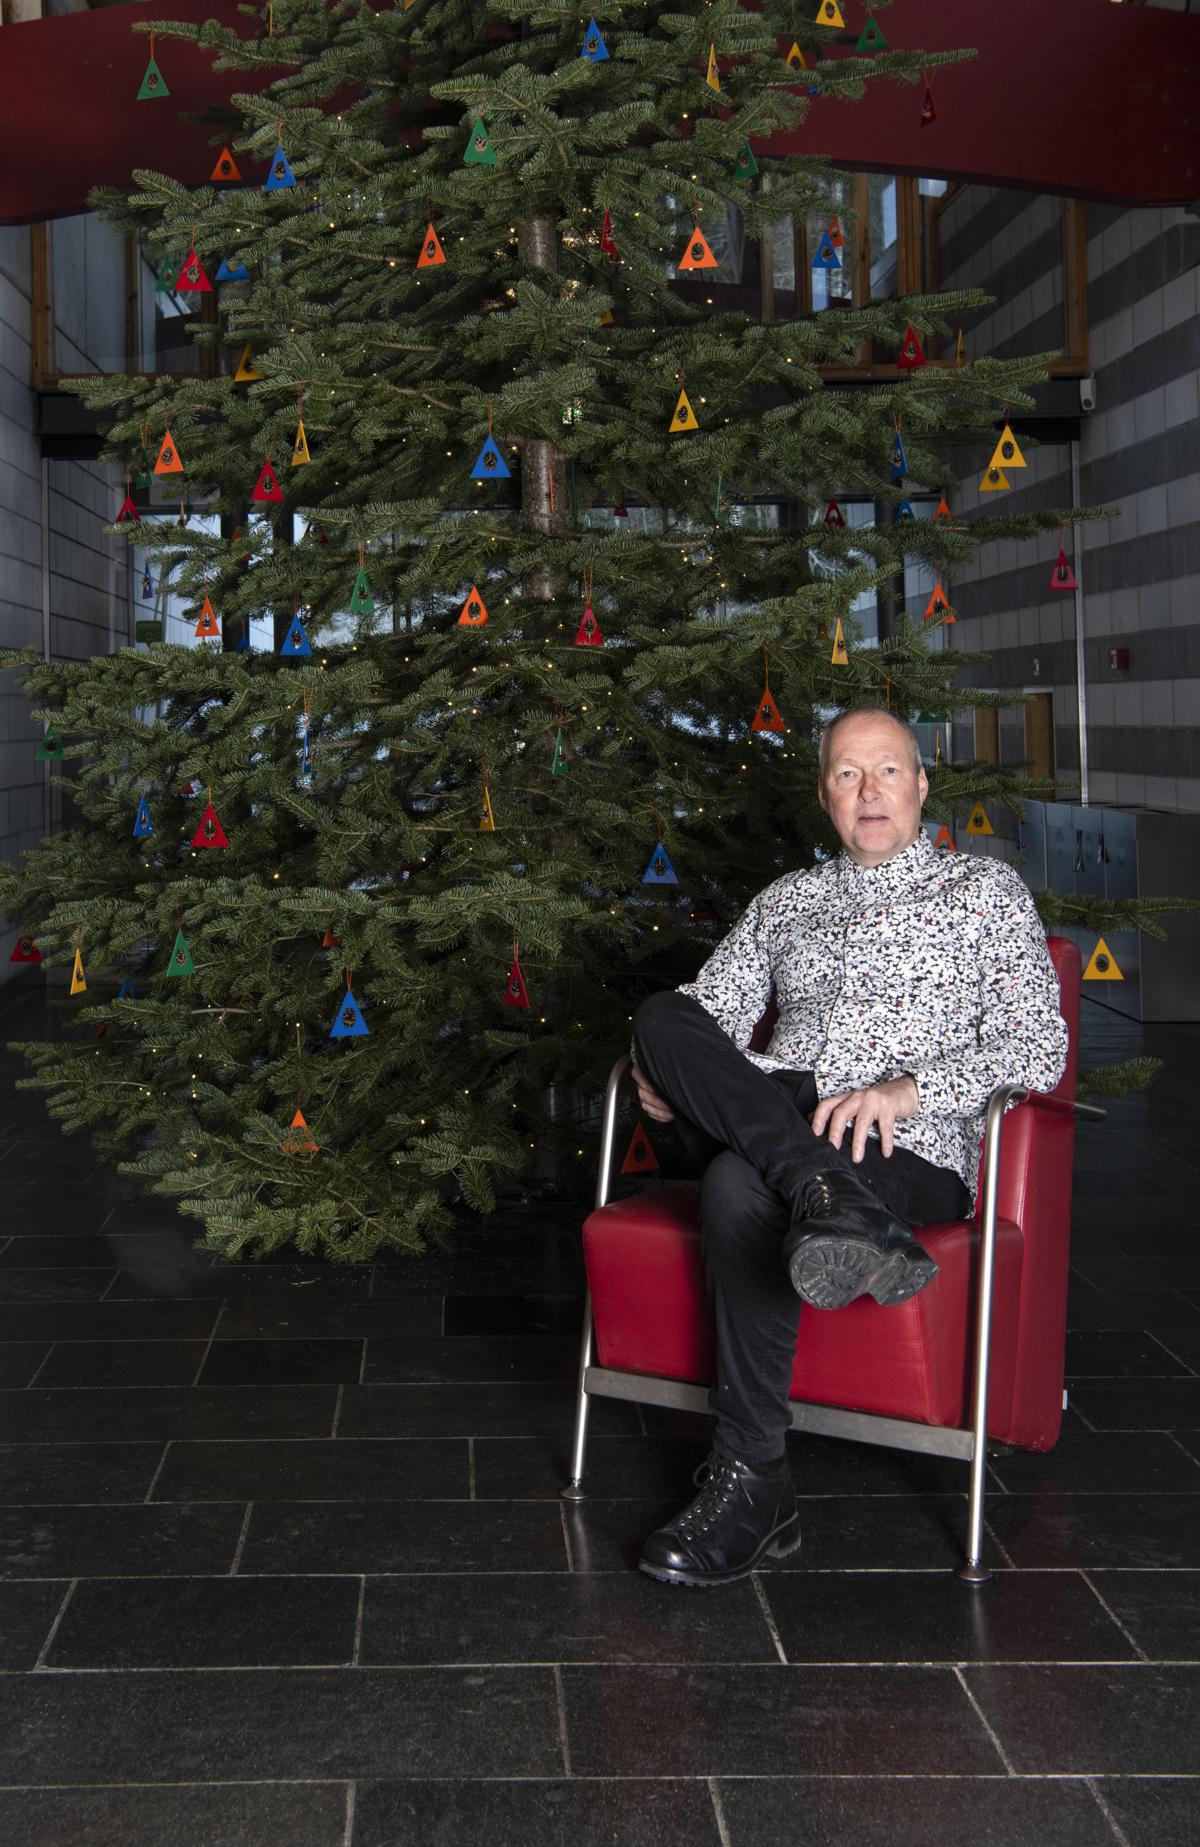 Kunstner Sigurd Bronger sitter i en rød stol foran juletre med fargerike trekanter med kongler.